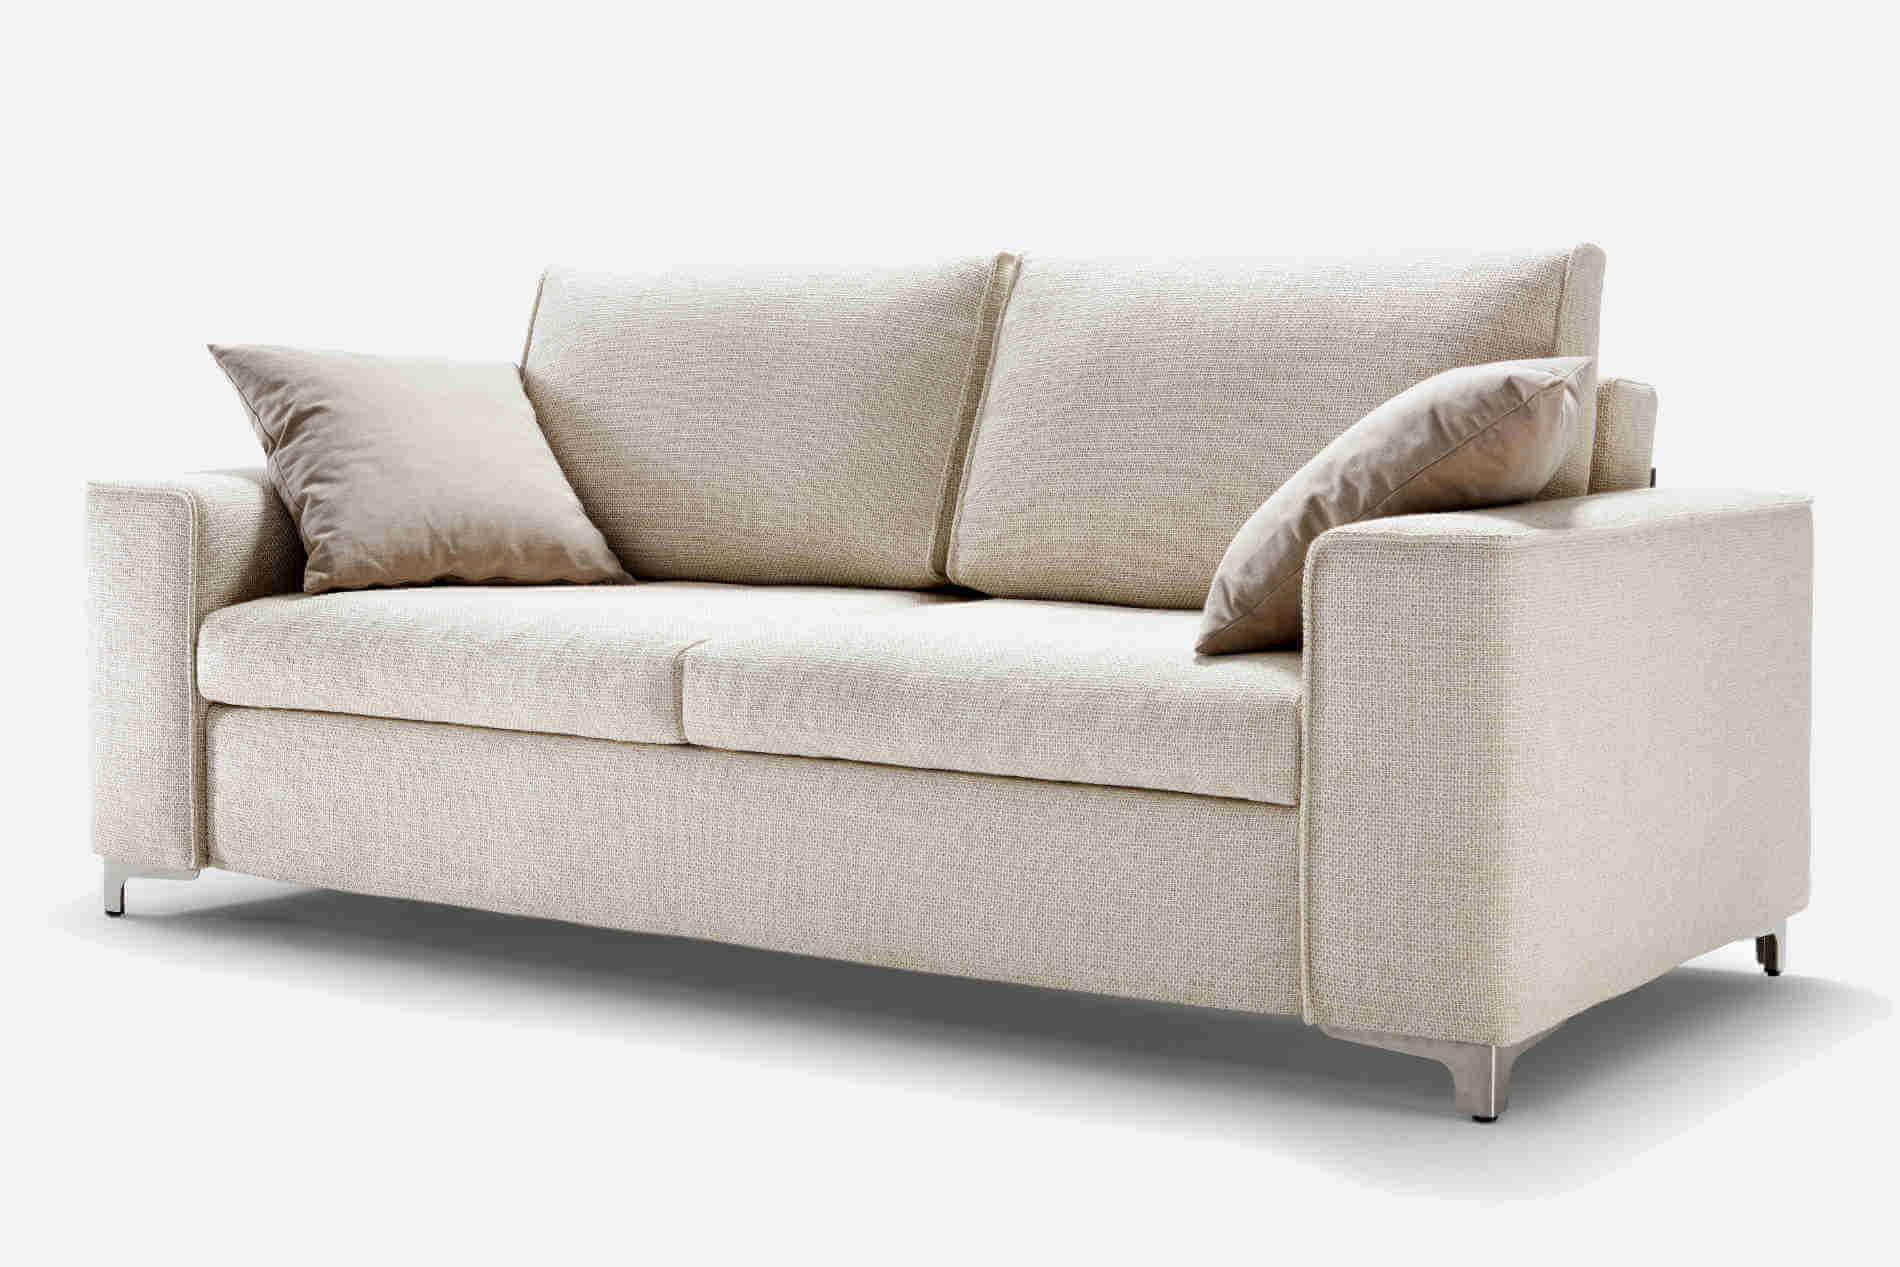 schlafsofa orlando von signet gut sitzen und schlafen. Black Bedroom Furniture Sets. Home Design Ideas